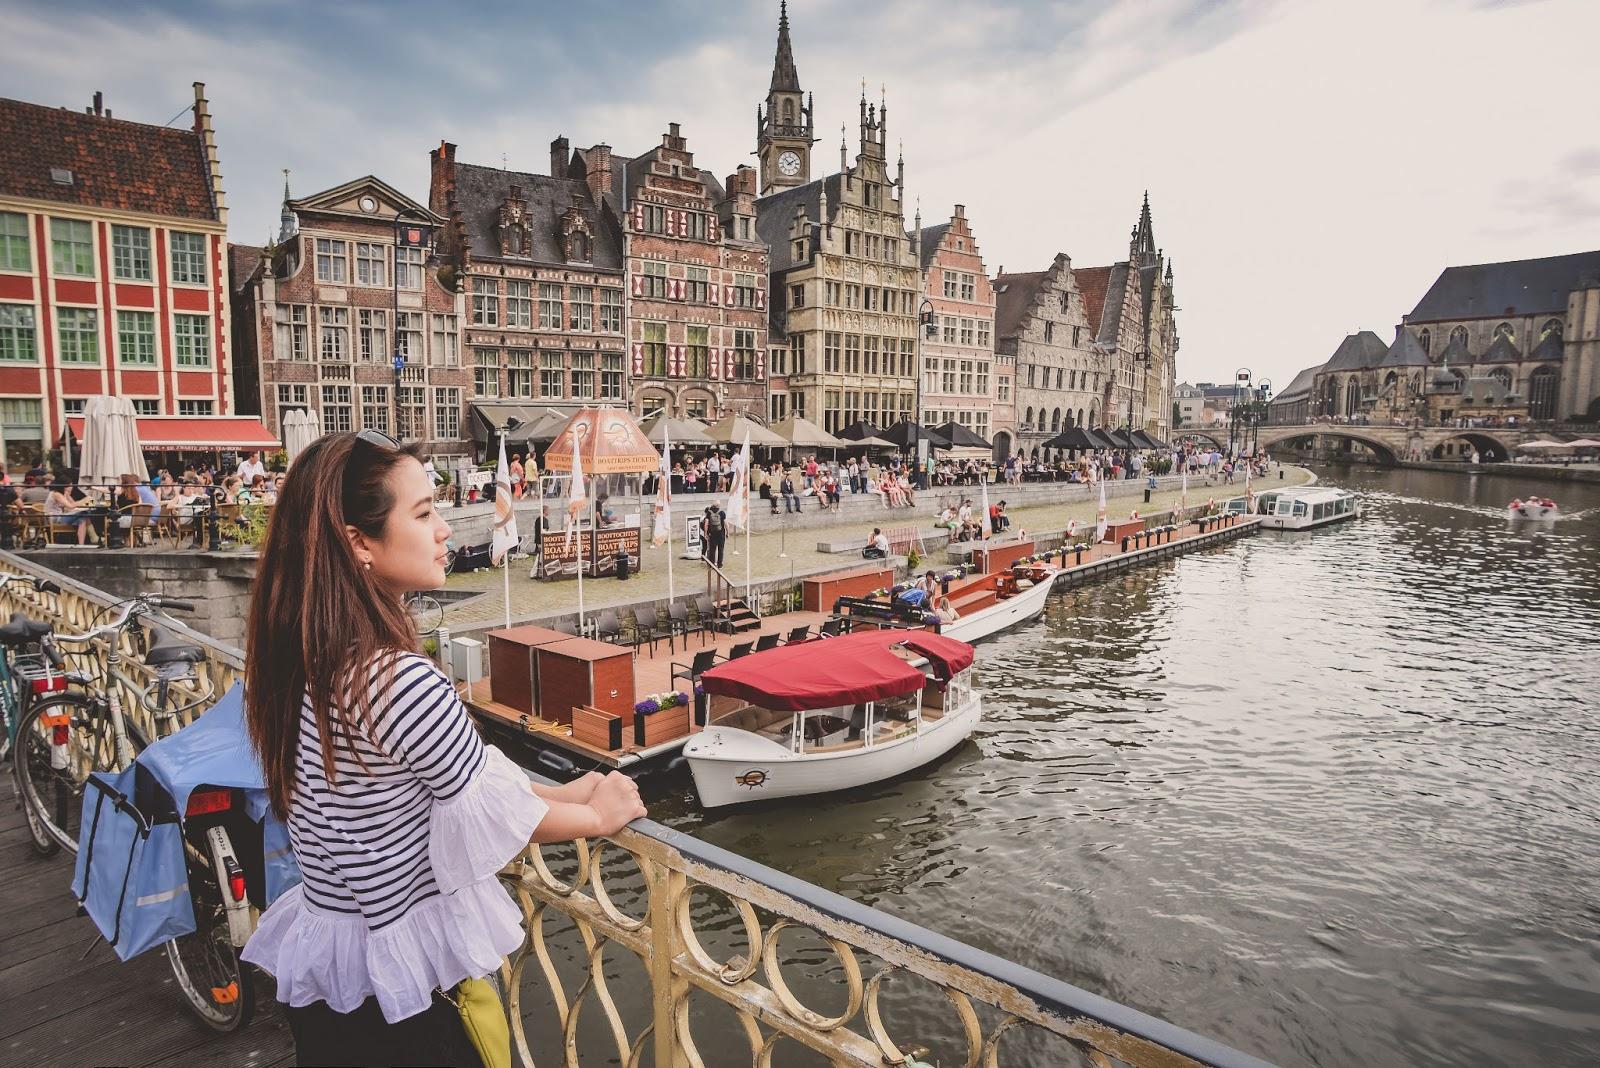 [比利時] Gand – 根特,值得細細品嘗的中世紀城市 - AJ Travel Grid - A小姐的旅遊拼圖